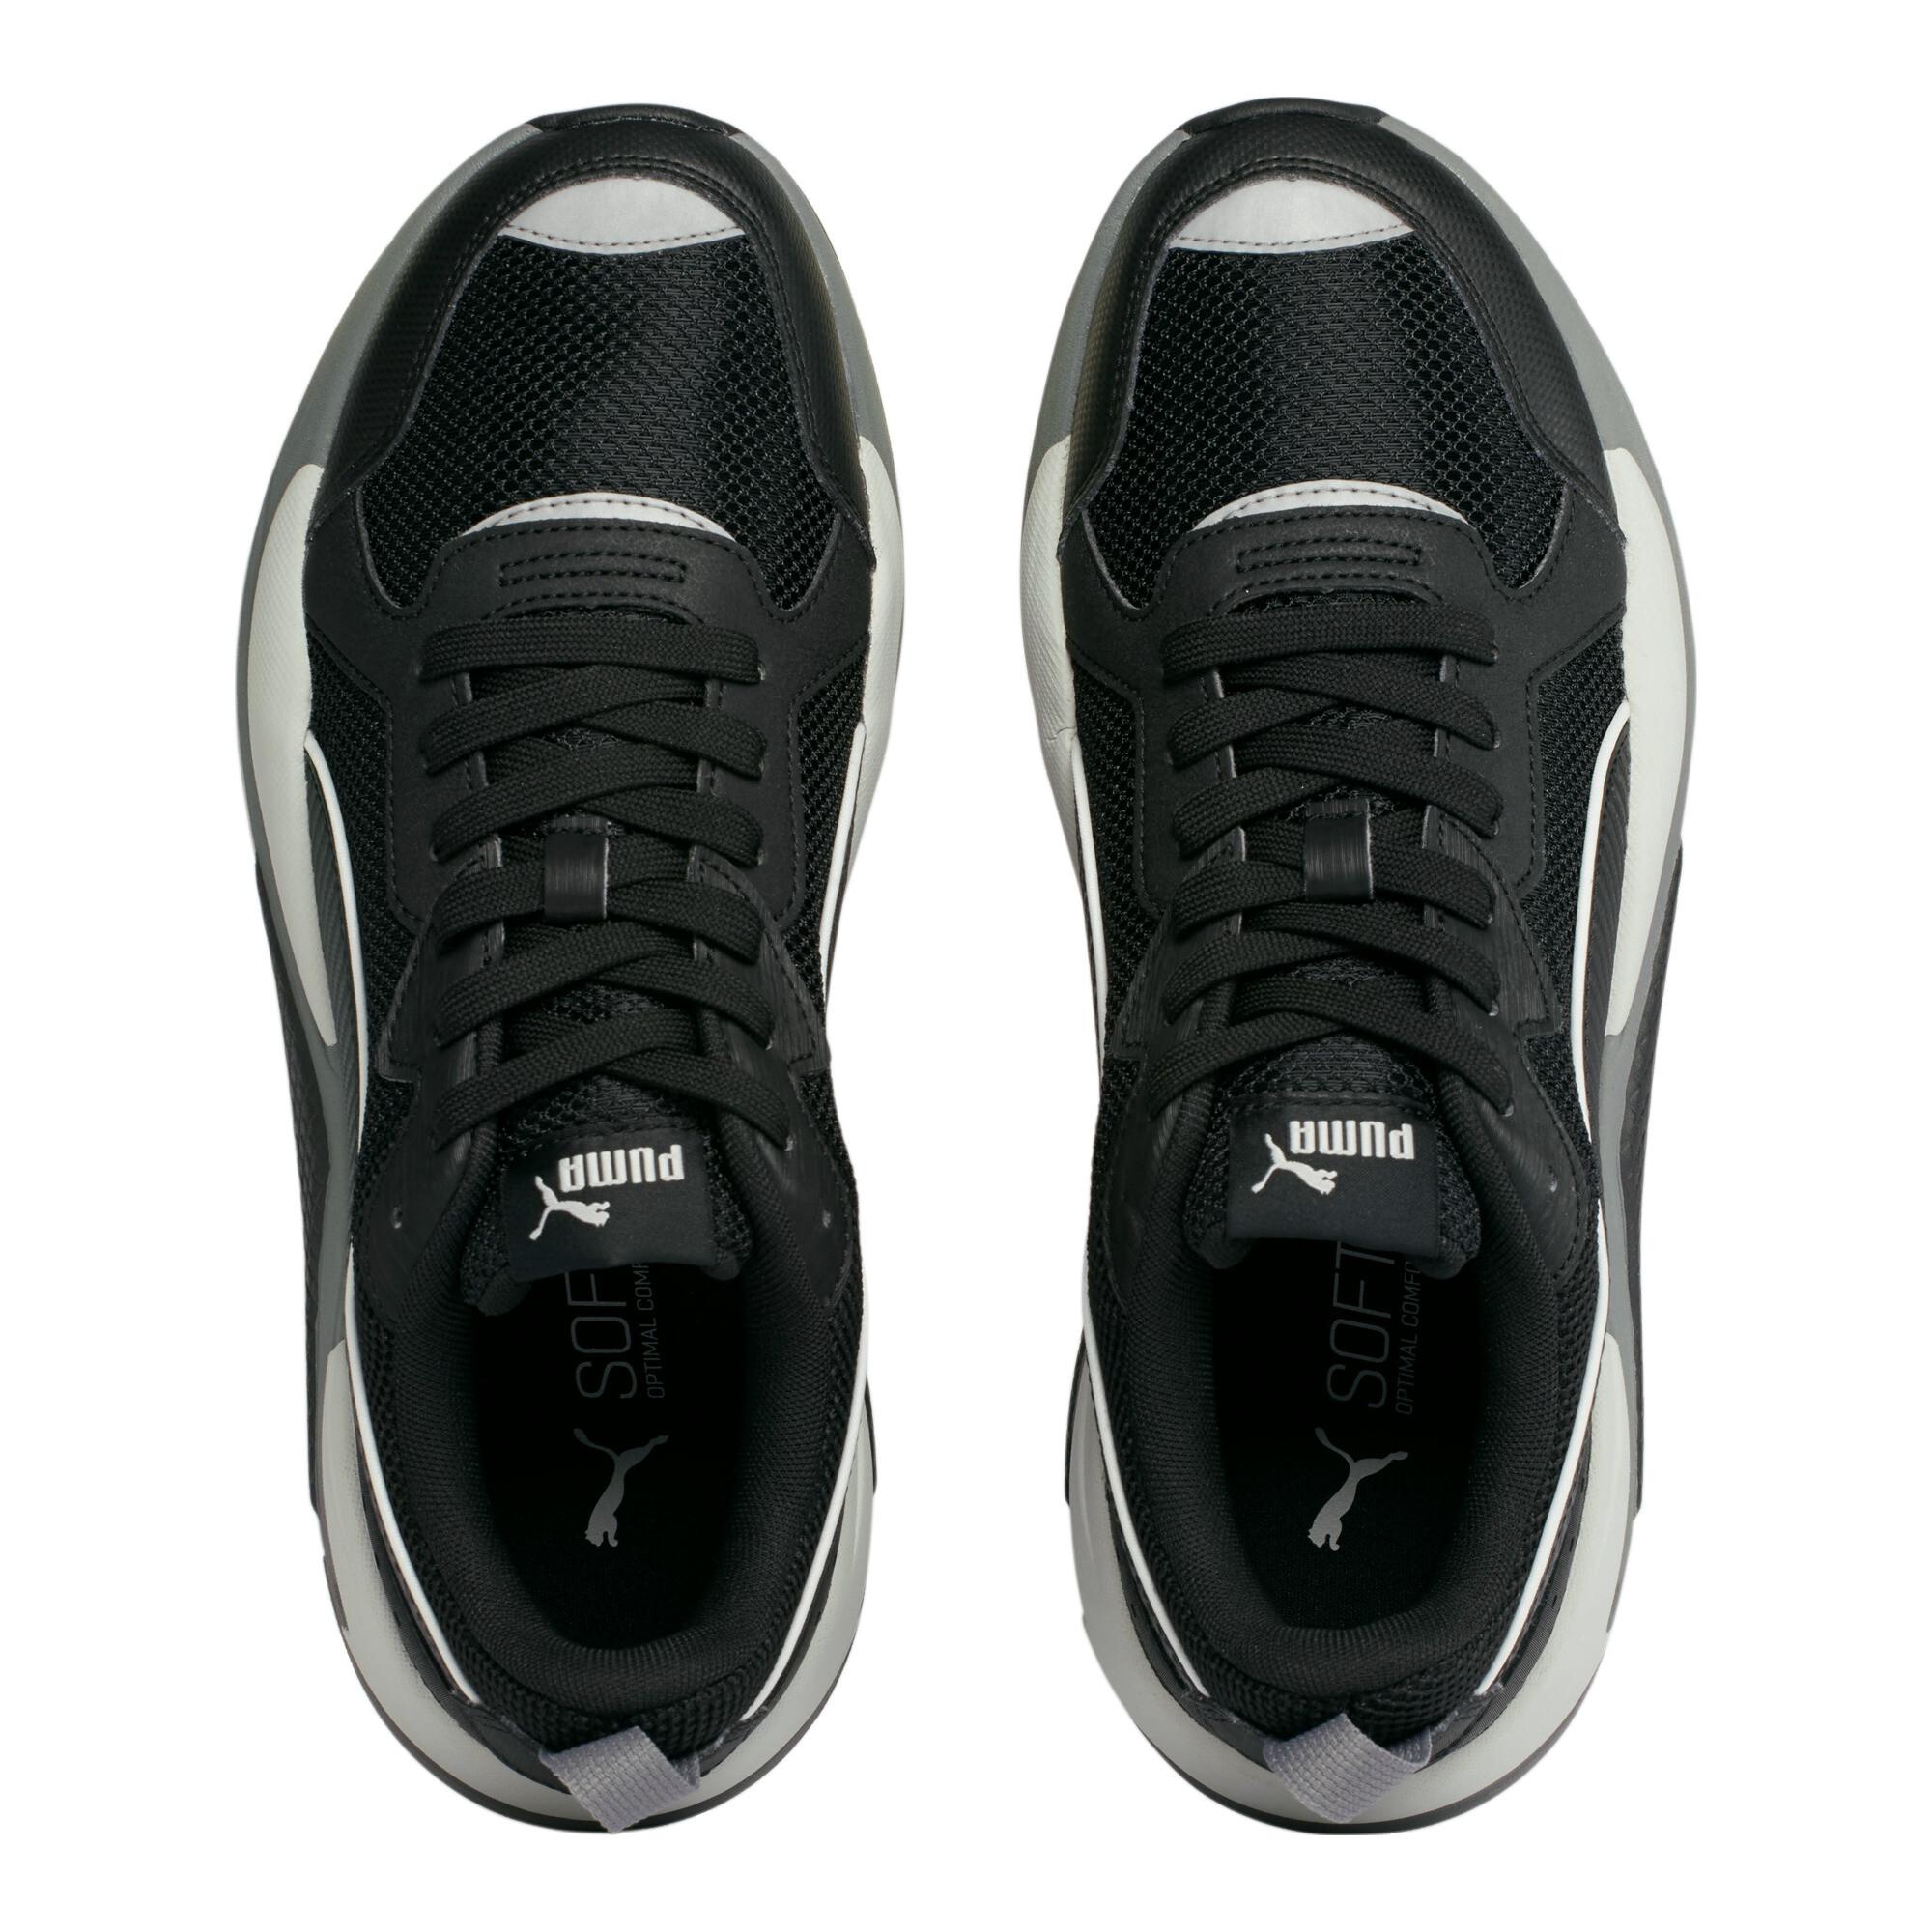 PUMA-X-RAY-Mesh-Men-039-s-Sneakers-Men-Shoe-Basics thumbnail 7